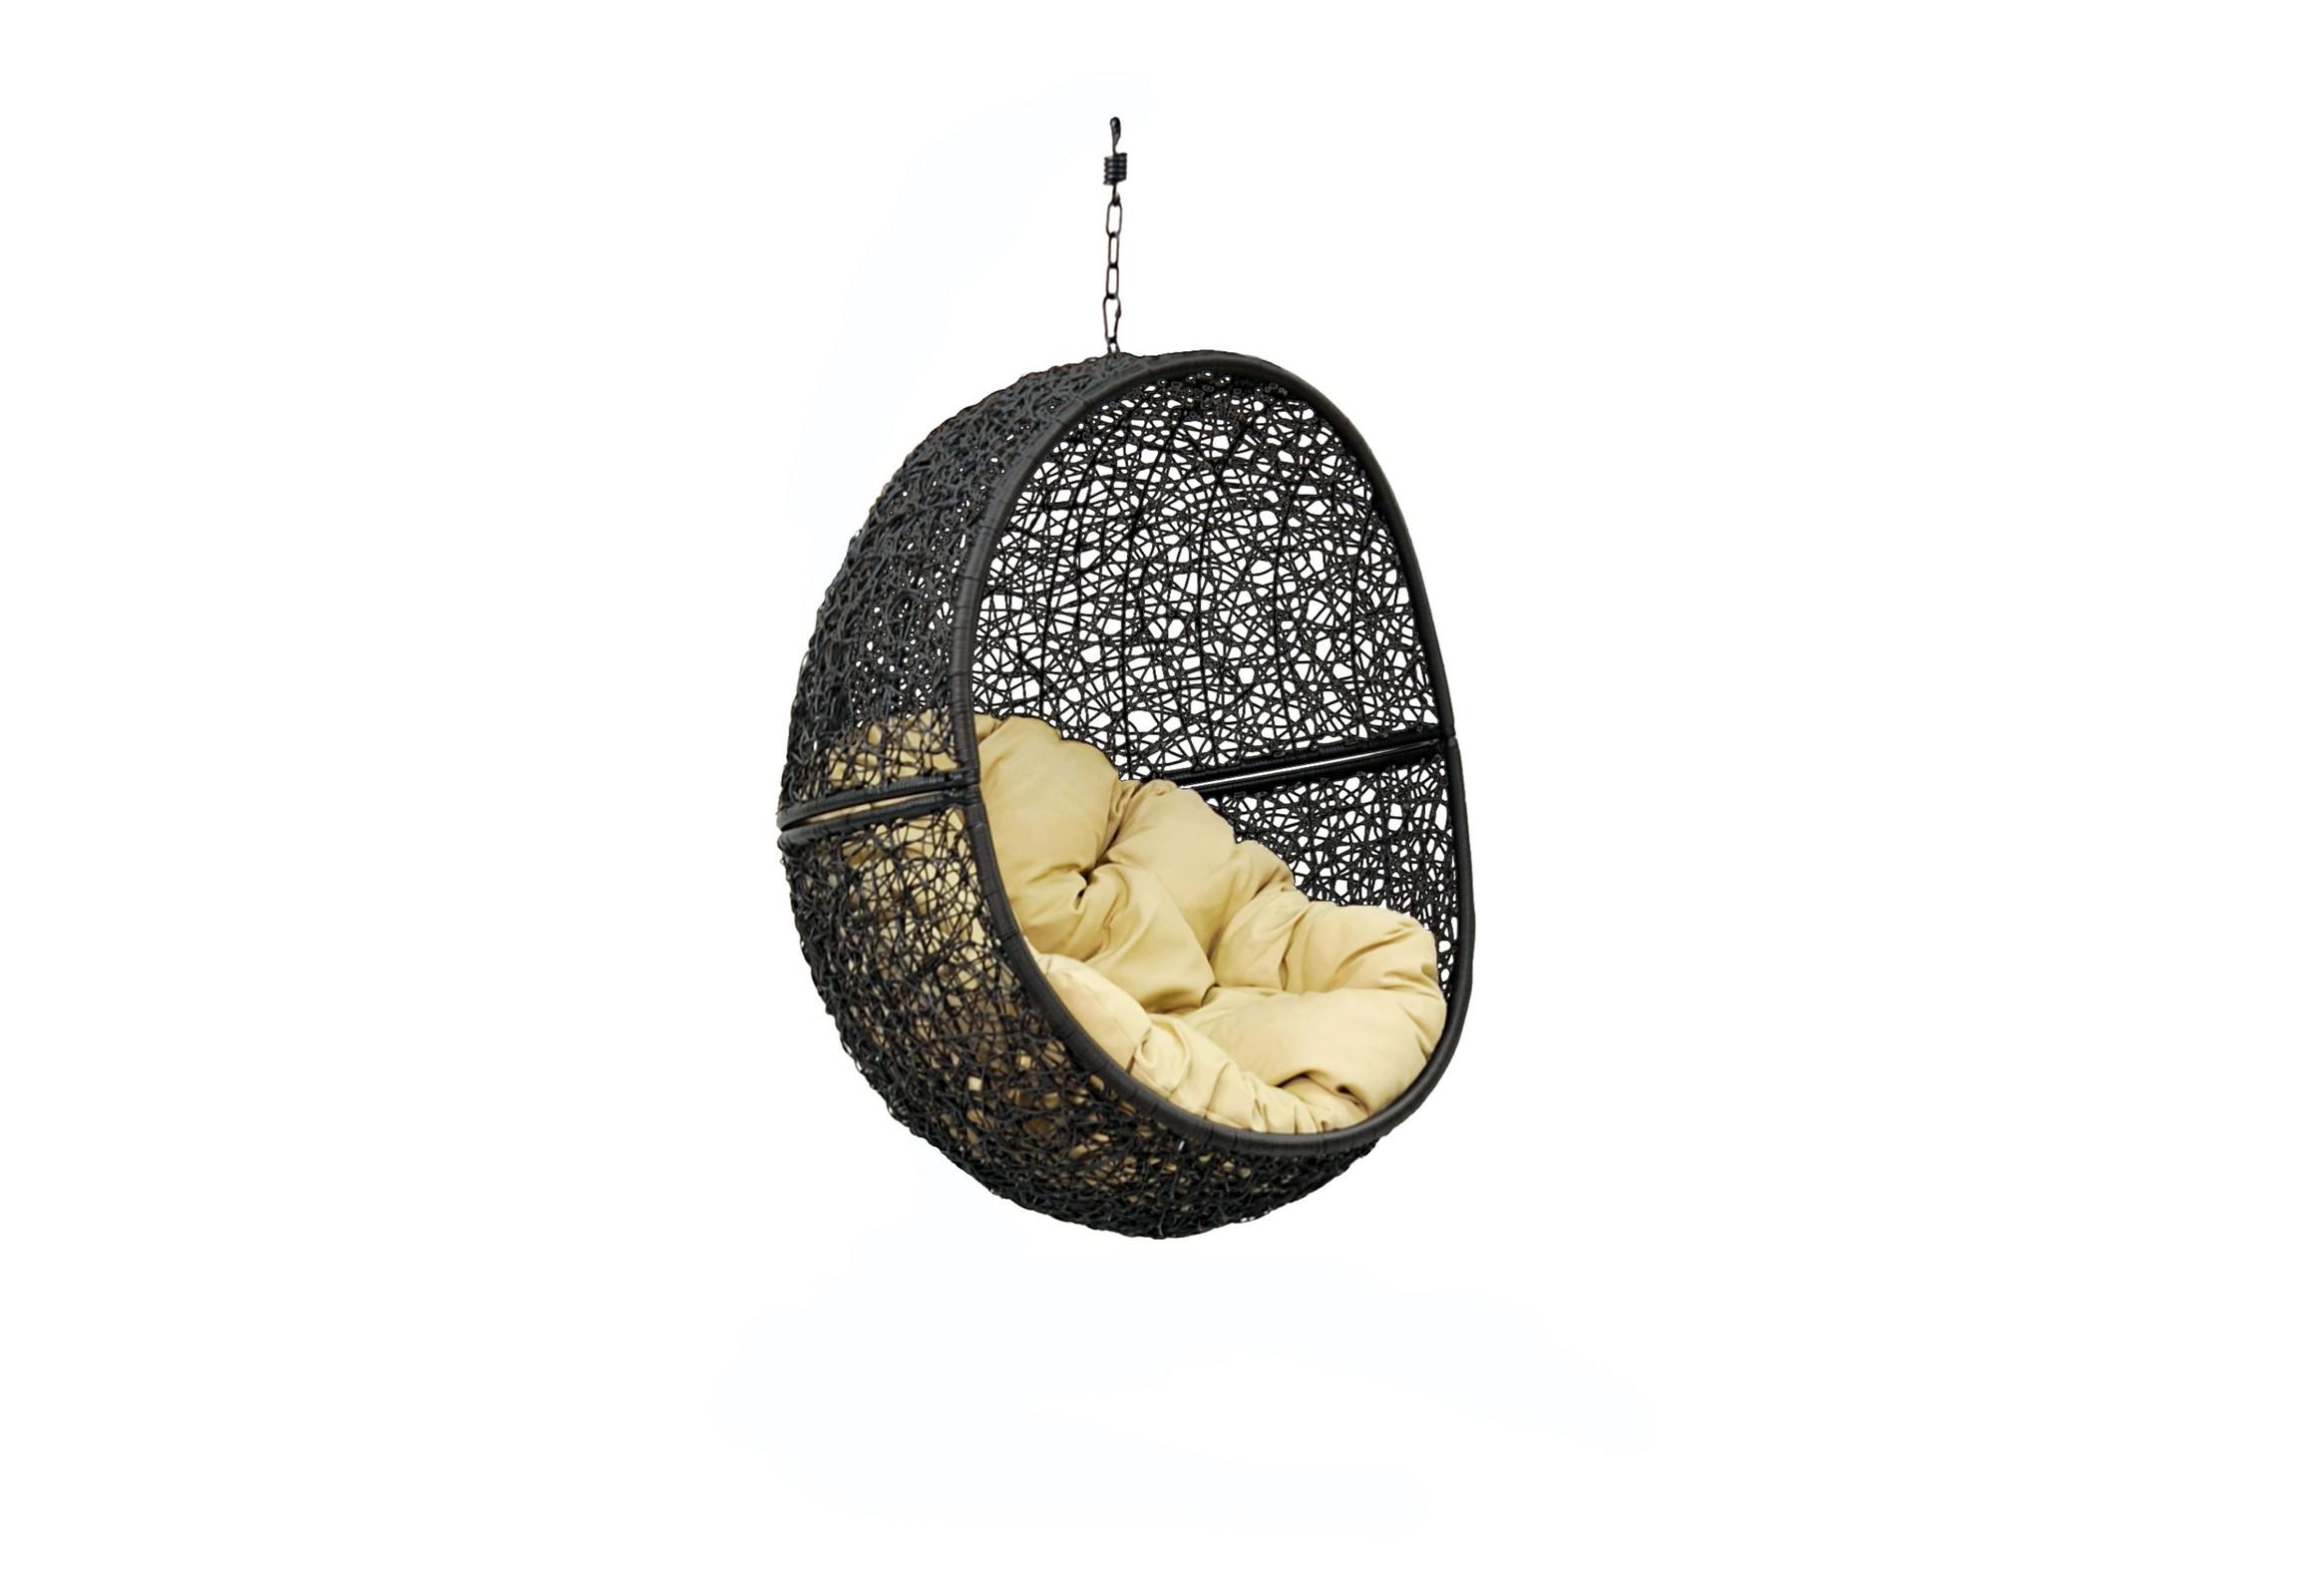 Чаша с подушкой Lunar BlackКачели<br>Чаша сборно-разборная. Сборка кресла очень простая. В комплекте с чашей идет соединительная цепь с пружинным крючком. &amp;amp;nbsp;&amp;lt;div&amp;gt;&amp;lt;br&amp;gt;&amp;lt;/div&amp;gt;&amp;lt;div&amp;gt;Размер чаши: 95х78х117 см&amp;lt;/div&amp;gt;<br><br>Material: Ротанг<br>Width см: 95<br>Depth см: 78<br>Height см: 117